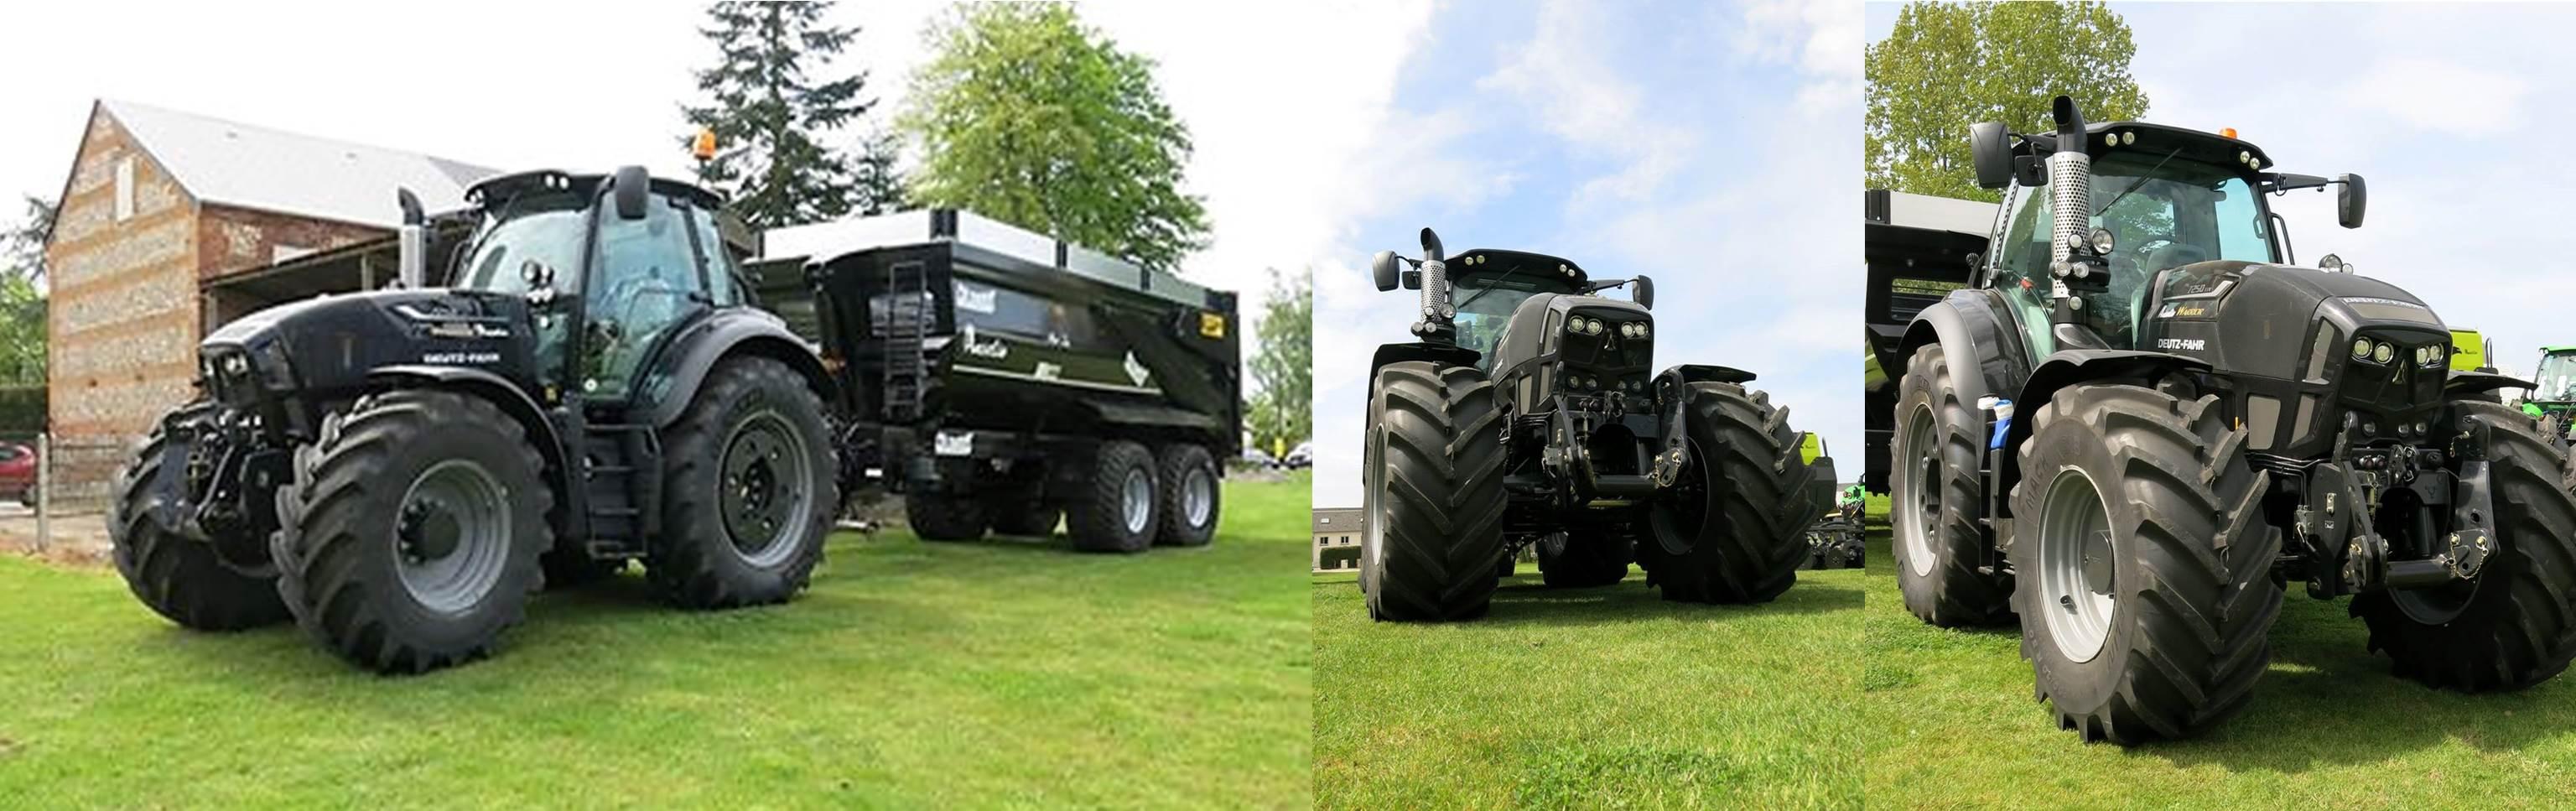 Ets anselin concessionnaire agricole en seine maritime et - Cars et les tracteurs ...